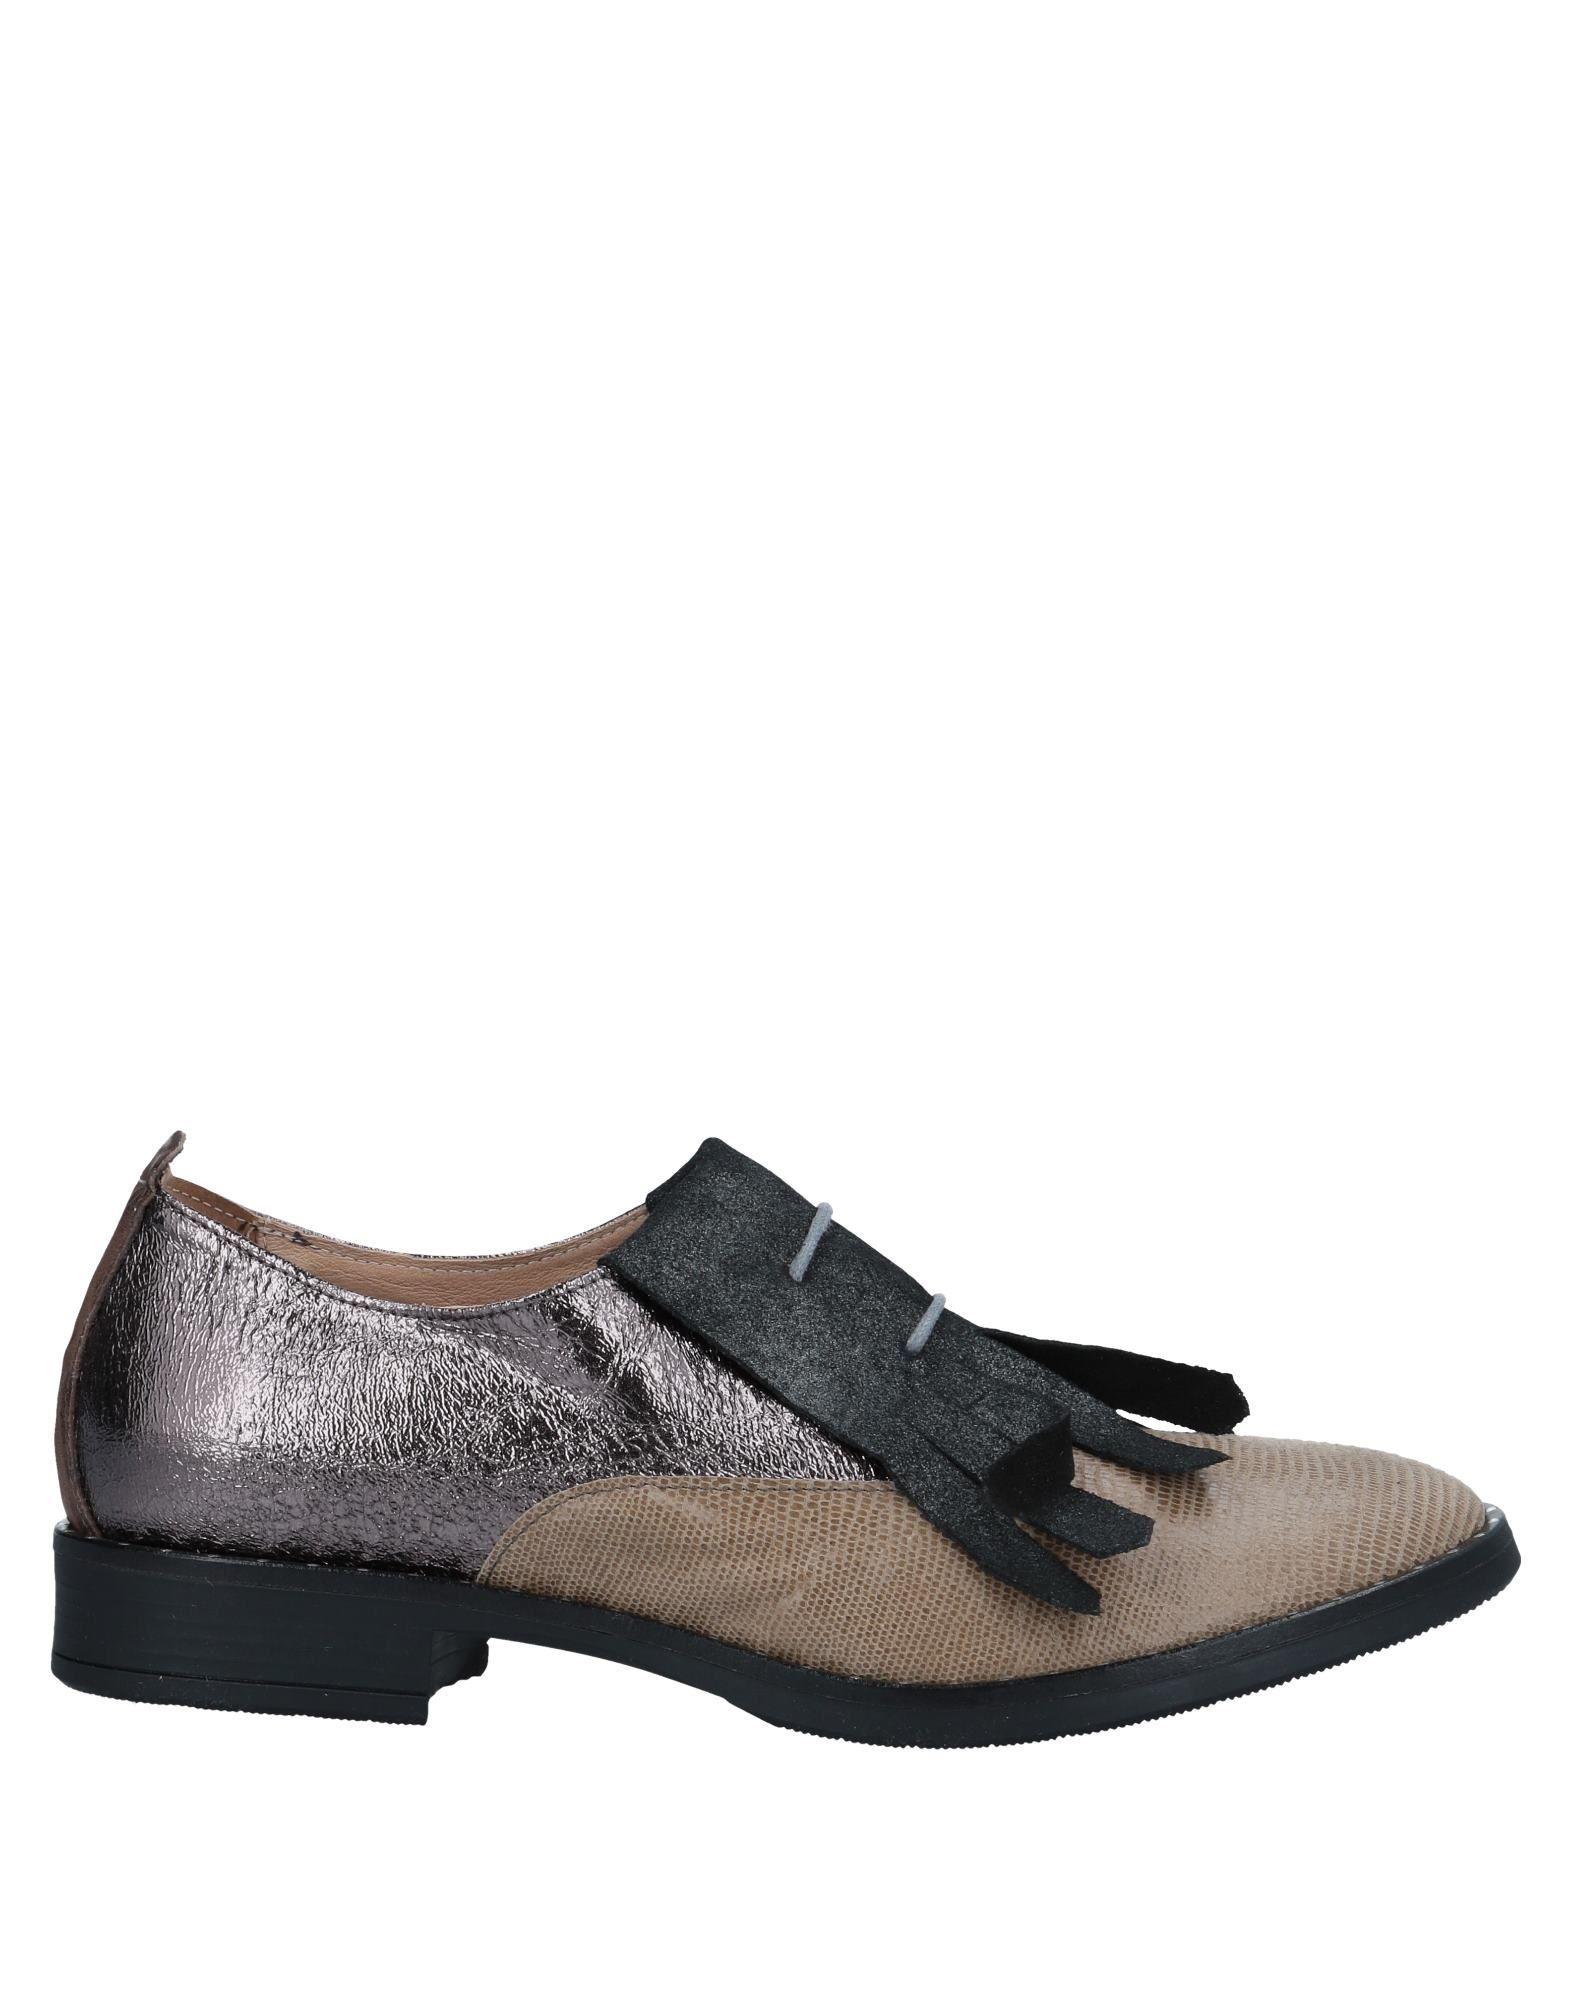 Stringate Ebarrito Donna - 11548769IL elegante